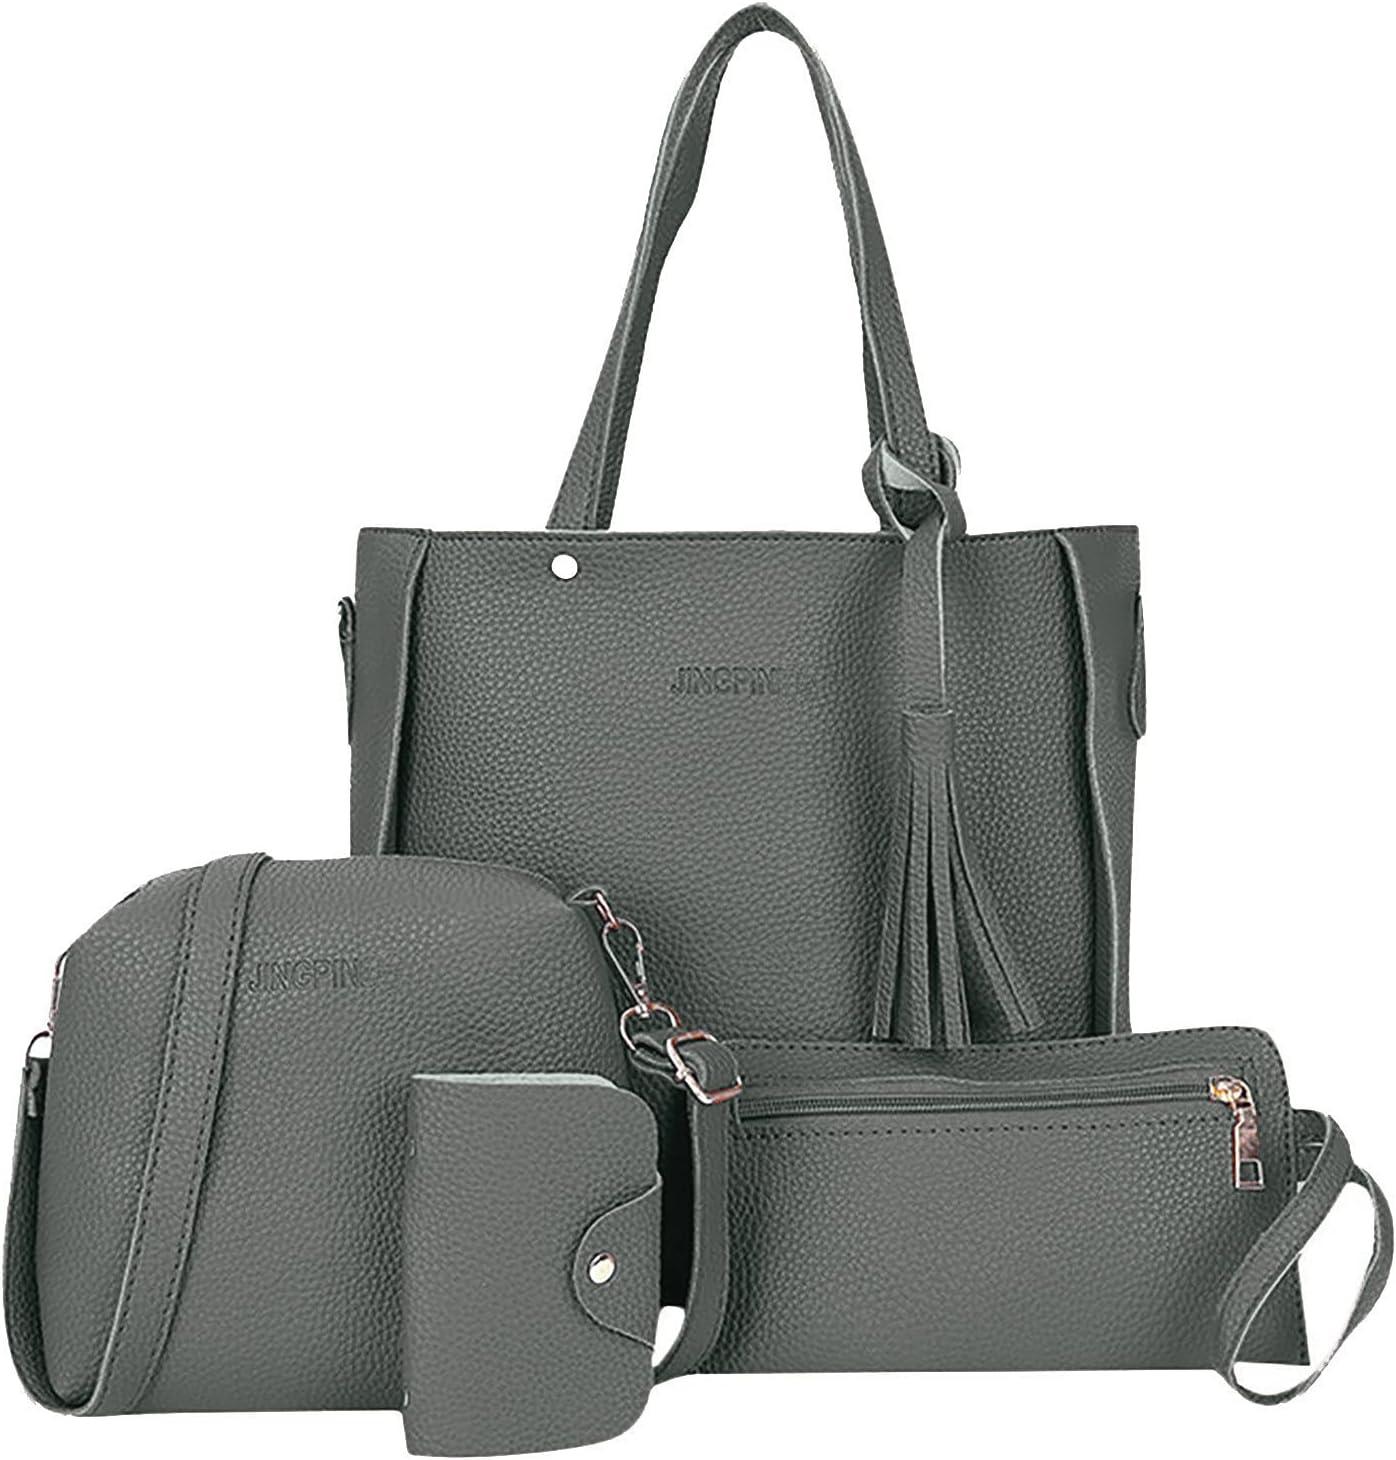 QIQIZAI Women's Handbag Set Four-Piece Multi-Purpose Travel Bag Vintage Leather Evening Party Bag Waterproof Messenger Bag